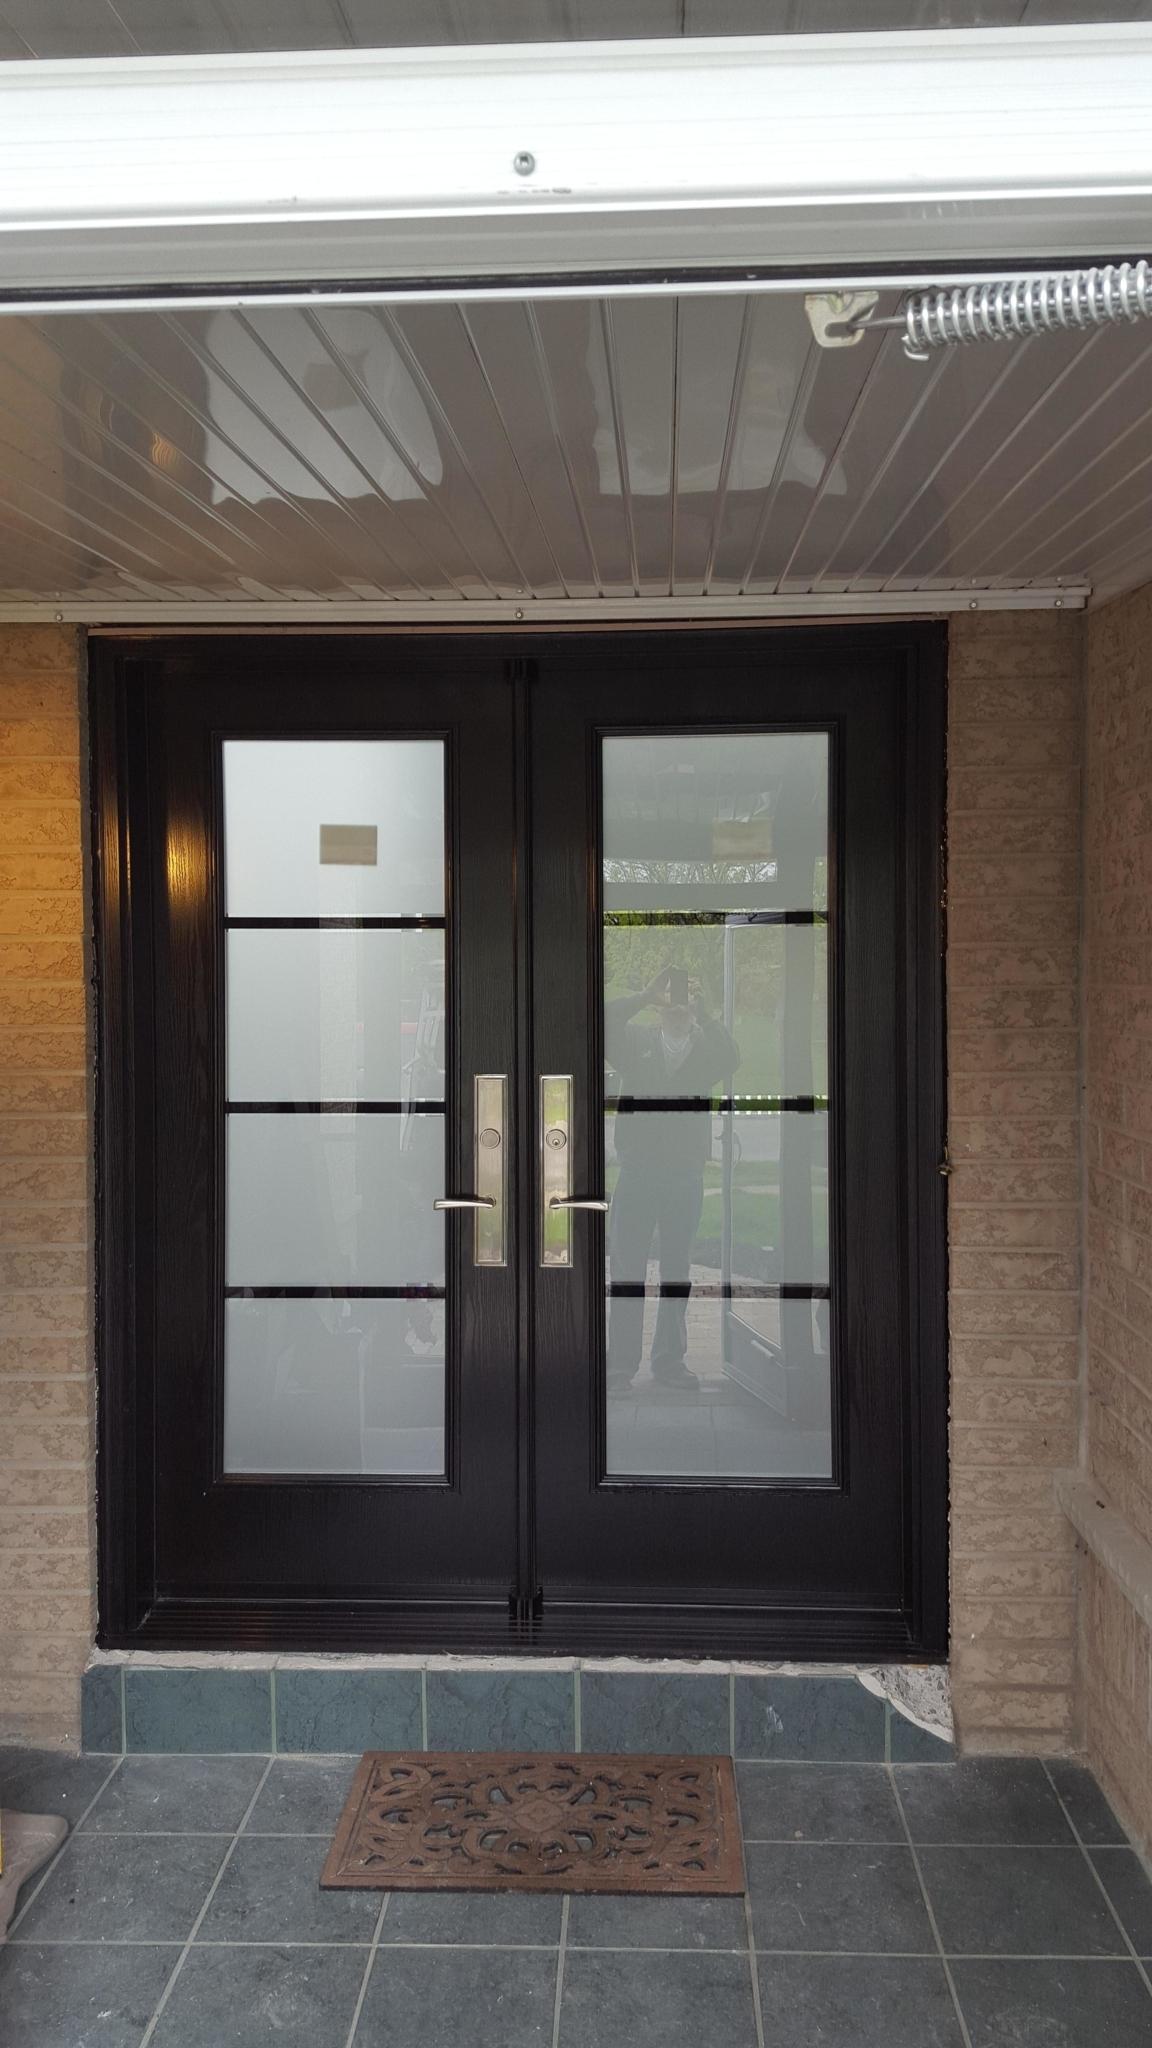 York aluminum storm strom doors vinyl clad self for Vinyl storm doors